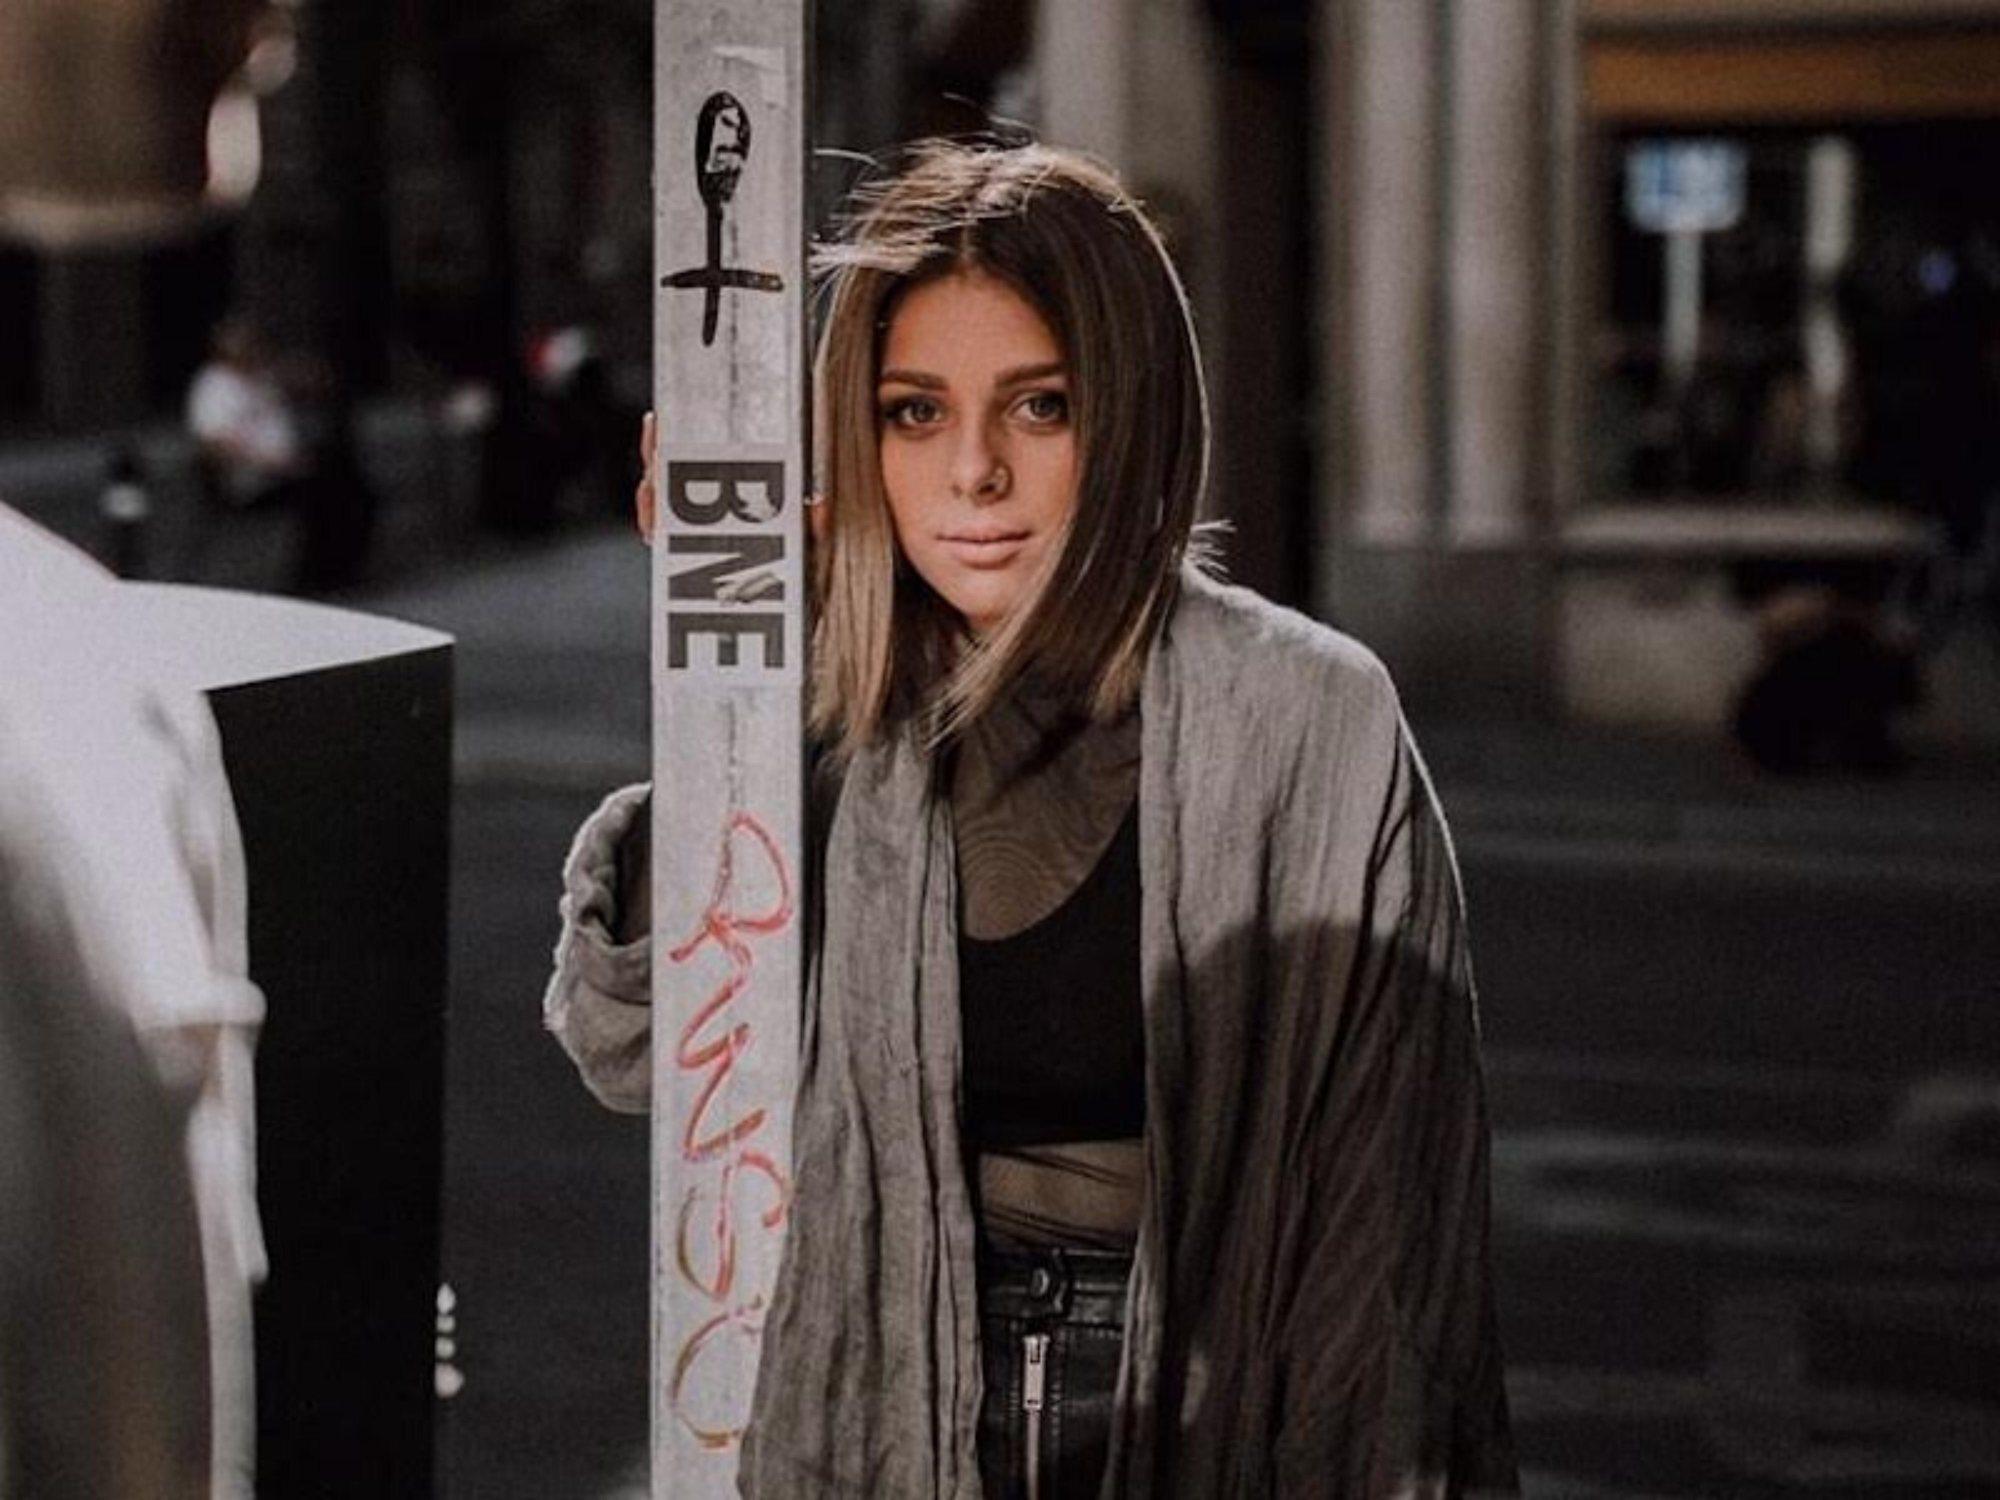 Bulgaria presenta a Victoria como representante en Eurovisión 2020 y anuncia un giro